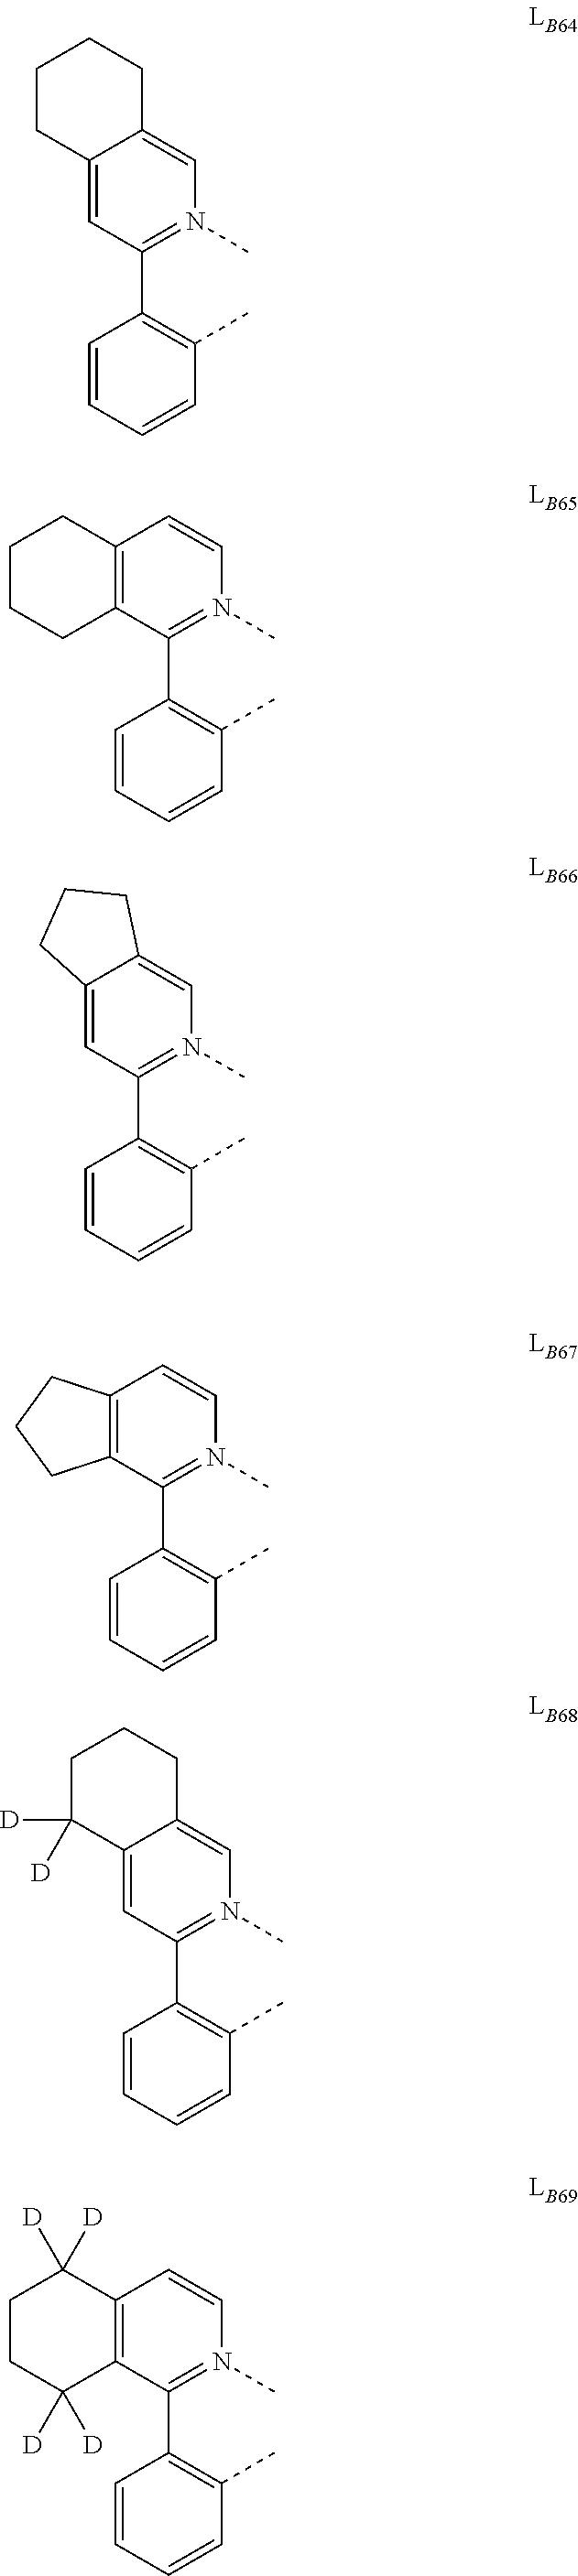 Figure US20180130962A1-20180510-C00272